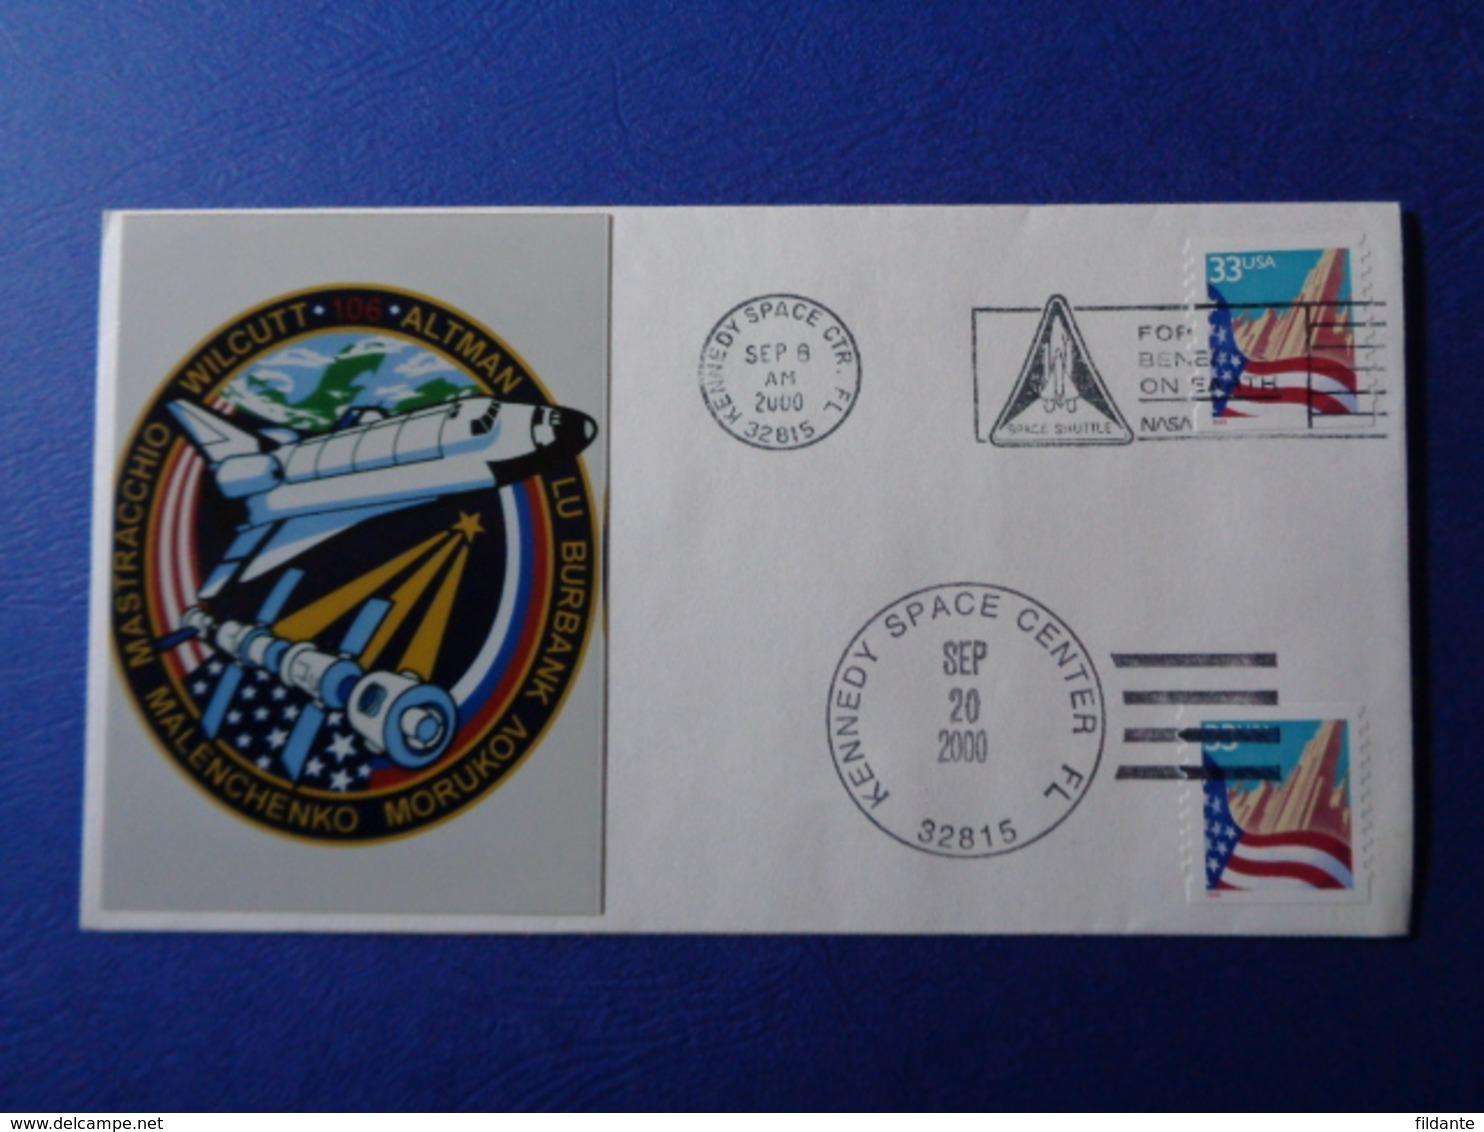 STATI UNITI USA 2000 MISSIONE SPAZIALE STS-106 SPACE SHUTTLE N. 1 BUSTE FILATELICHE - Stati Uniti